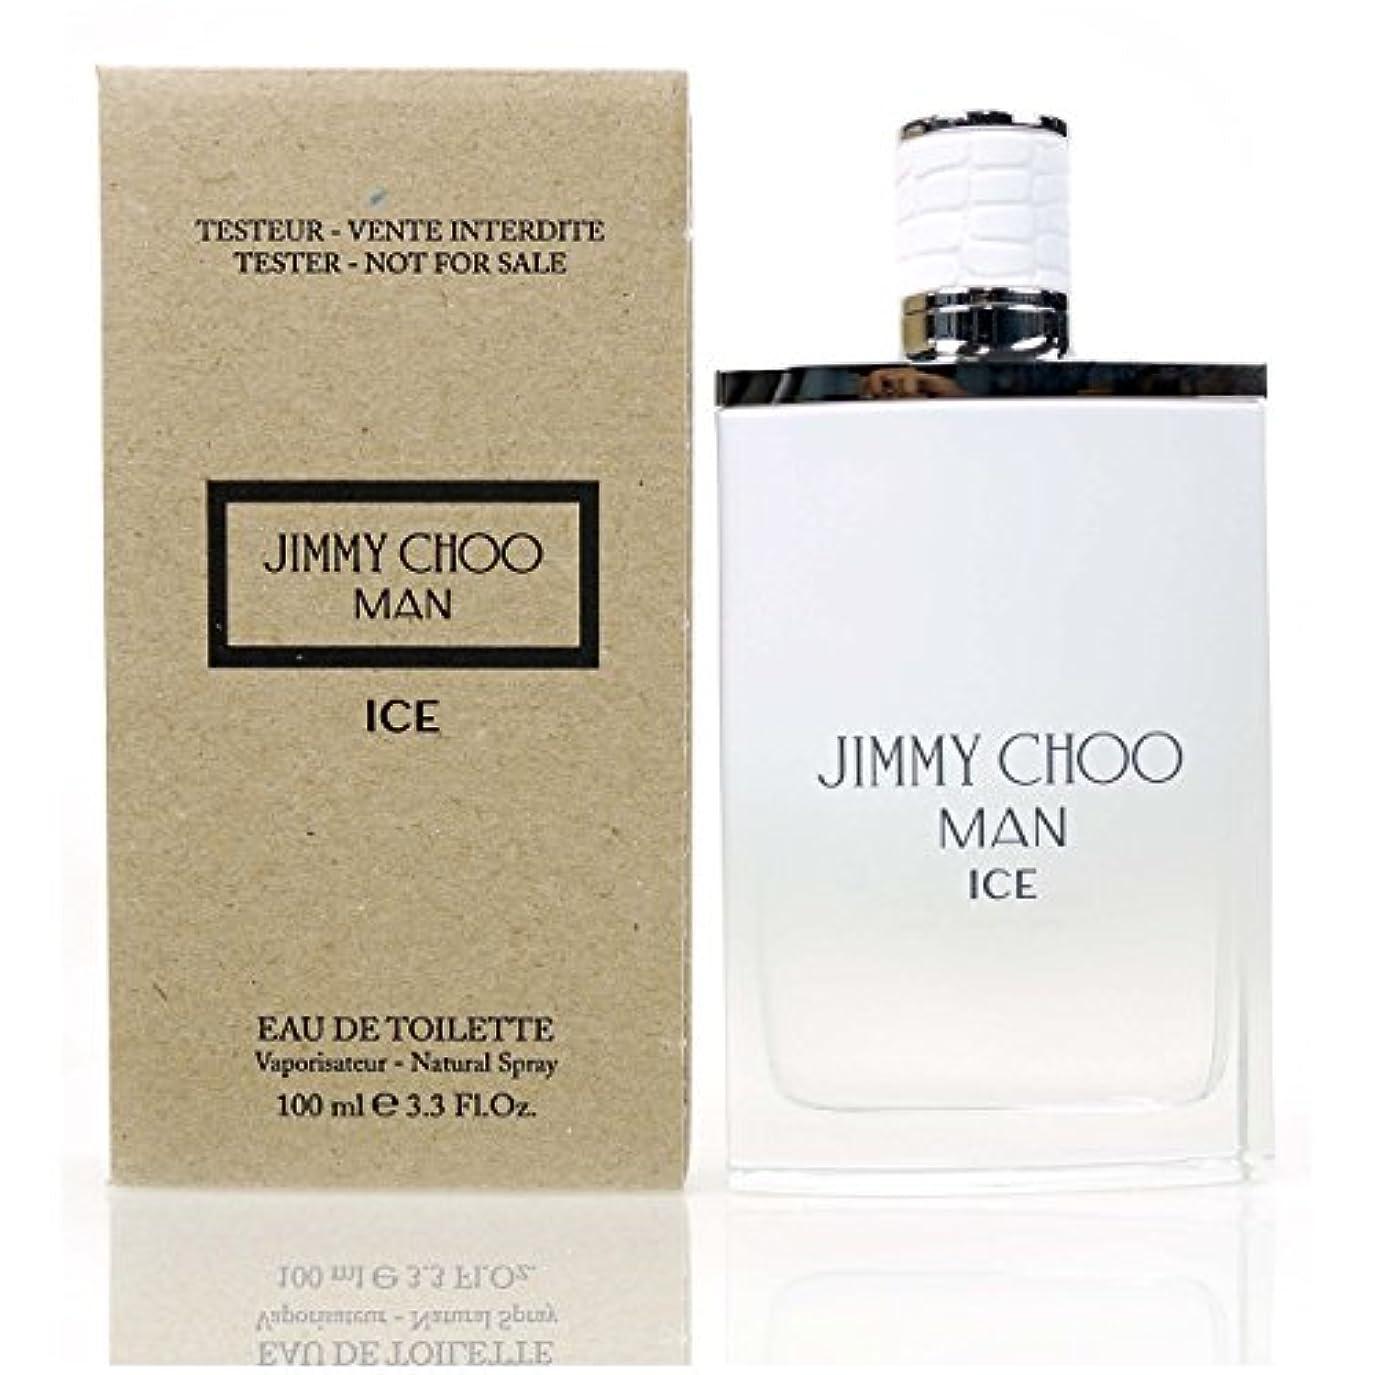 ジミーチュウ JIMMY CHOO マンアイス EDT SP 100ml 「アウトレット箱なし」JIMMY CHOO MAN ICE